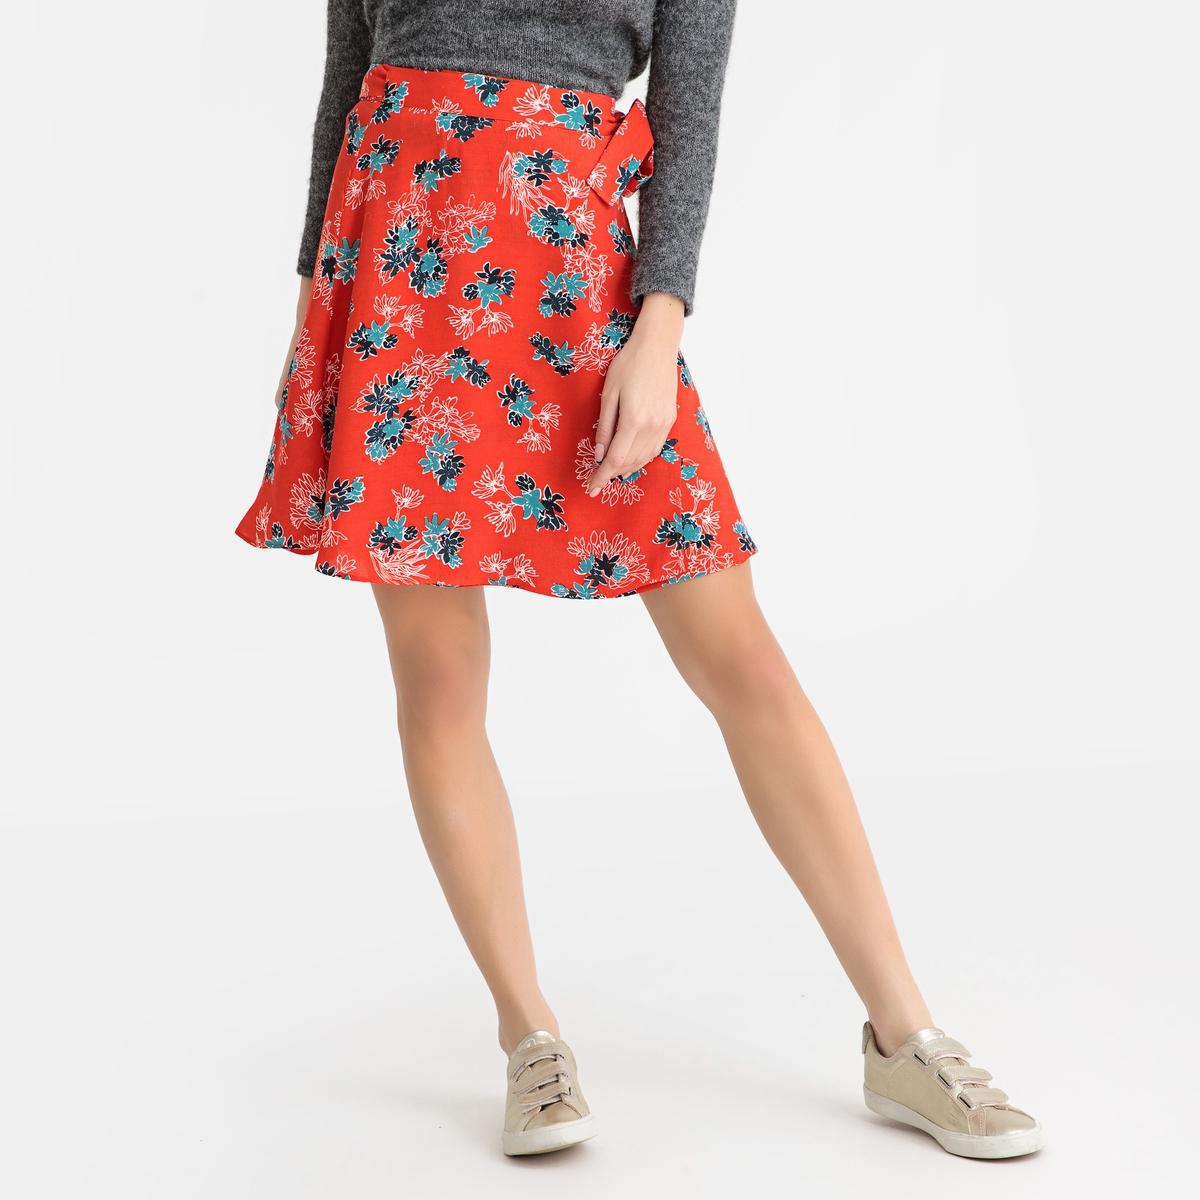 Юбка La Redoute Короткая с рисунком CLEM LISIA XS красный юбка la redoute короткая расклешенная с цветочным рисунком и оборками на поясе xs бежевый